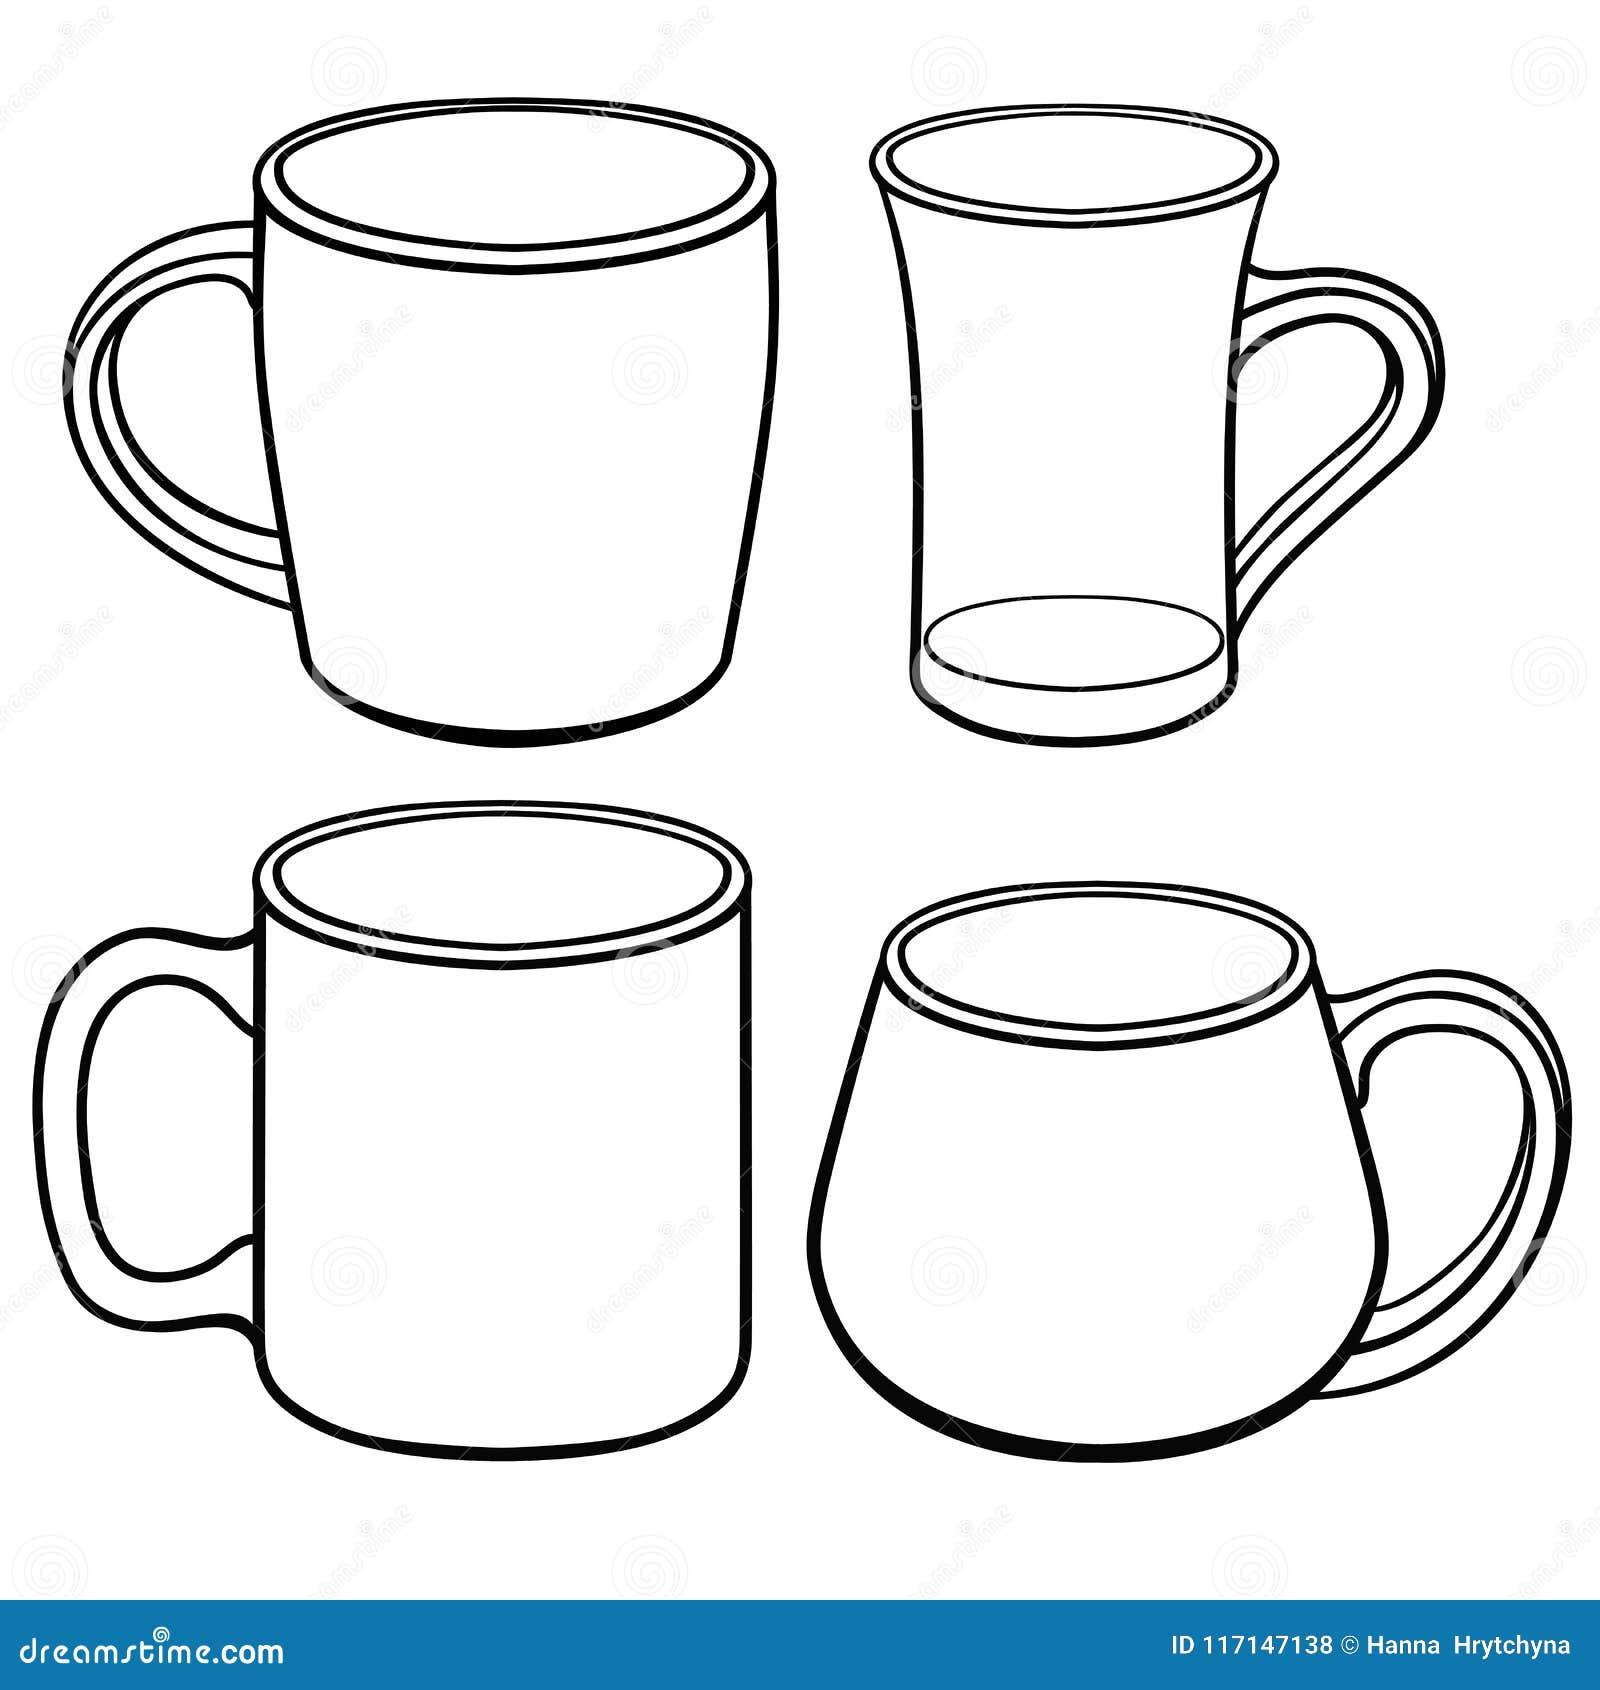 Tasses et tasses pour le thé de différentes formes Un ensemble de calibres Dessin au trait Pour la coloration